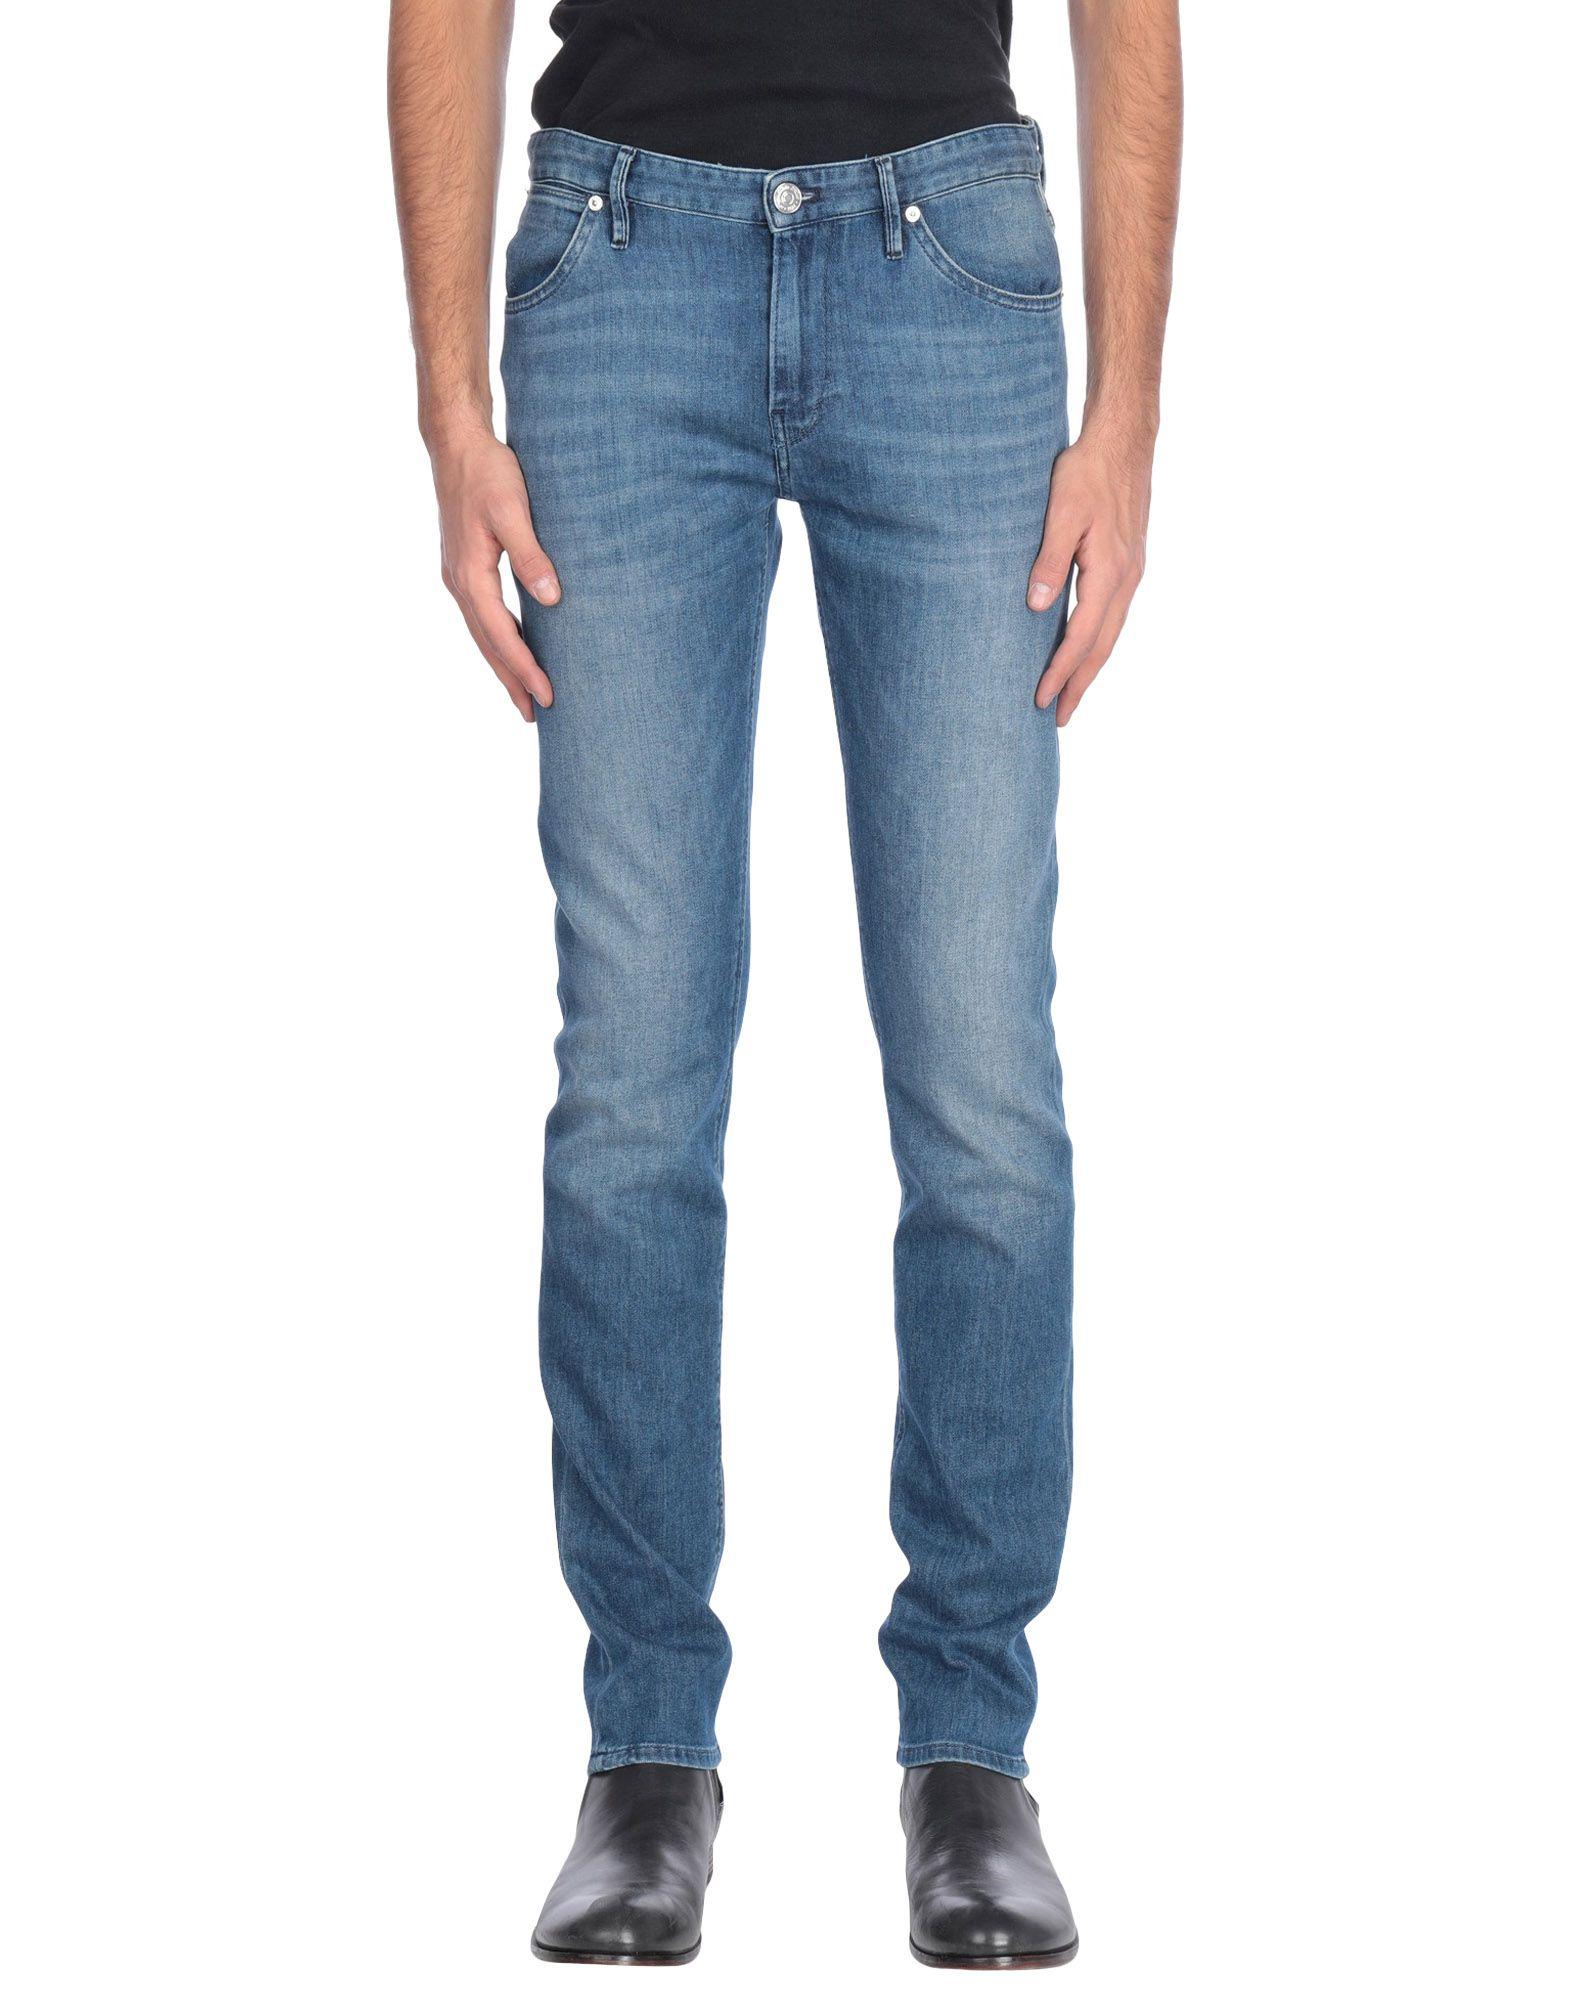 《送料無料》PT05 メンズ ジーンズ ブルー 29 コットン 92% / エメリー 6% / ポリウレタン 2%